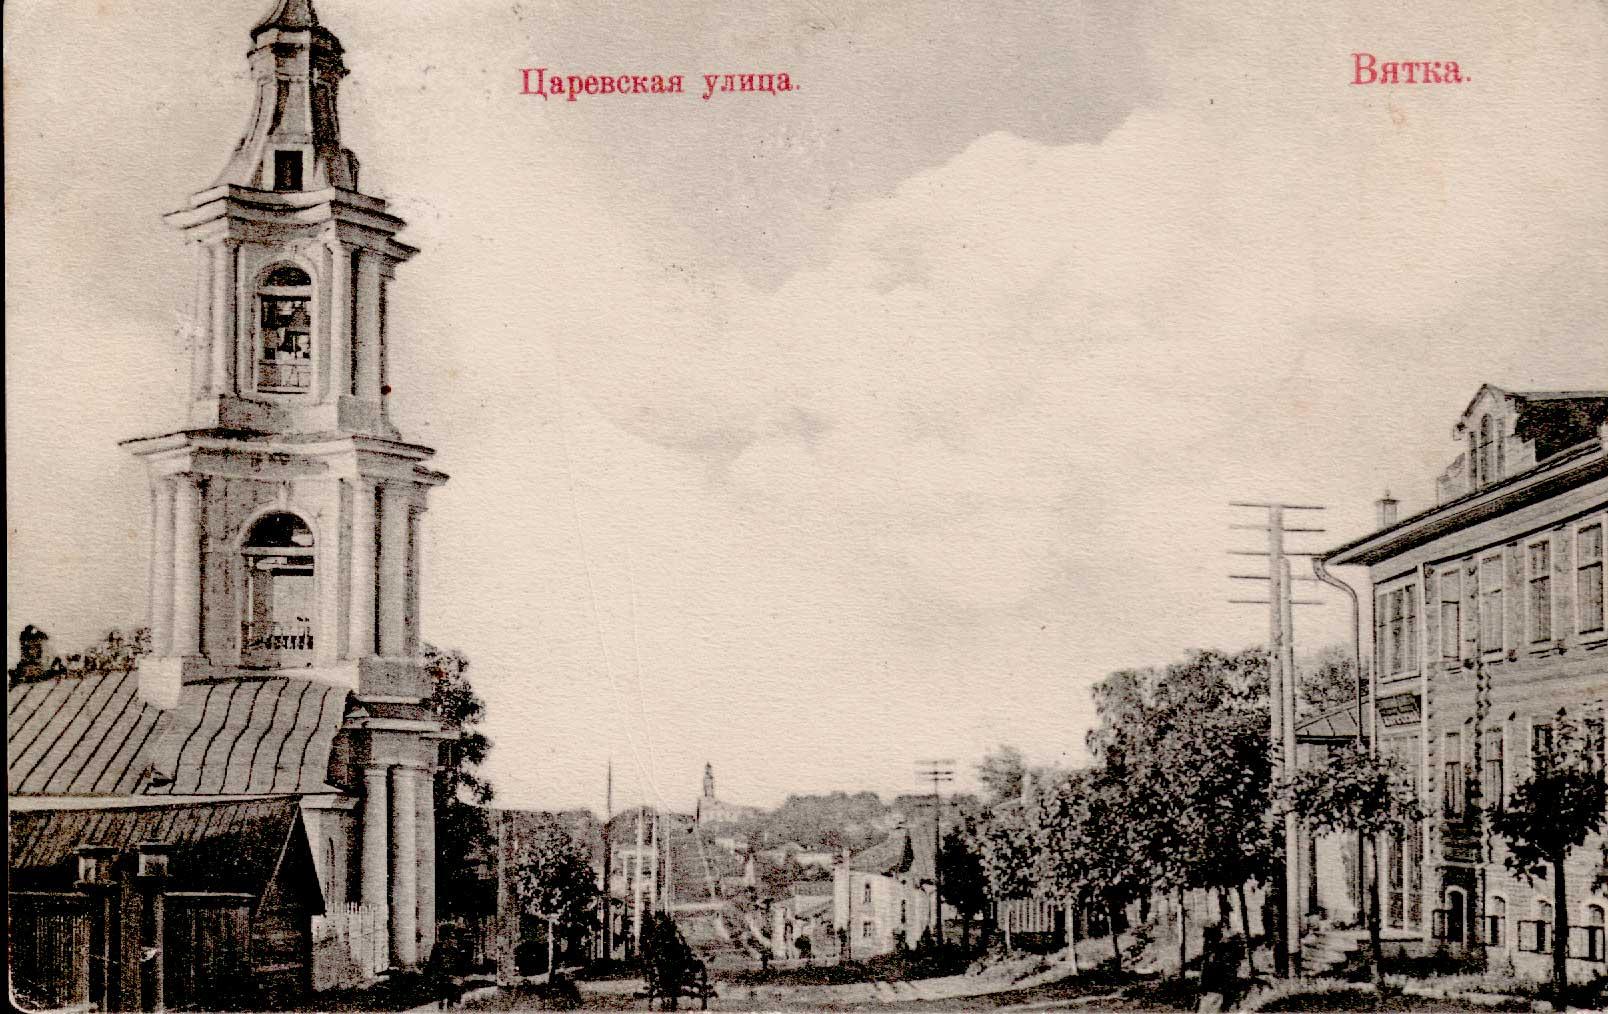 Царевская улица